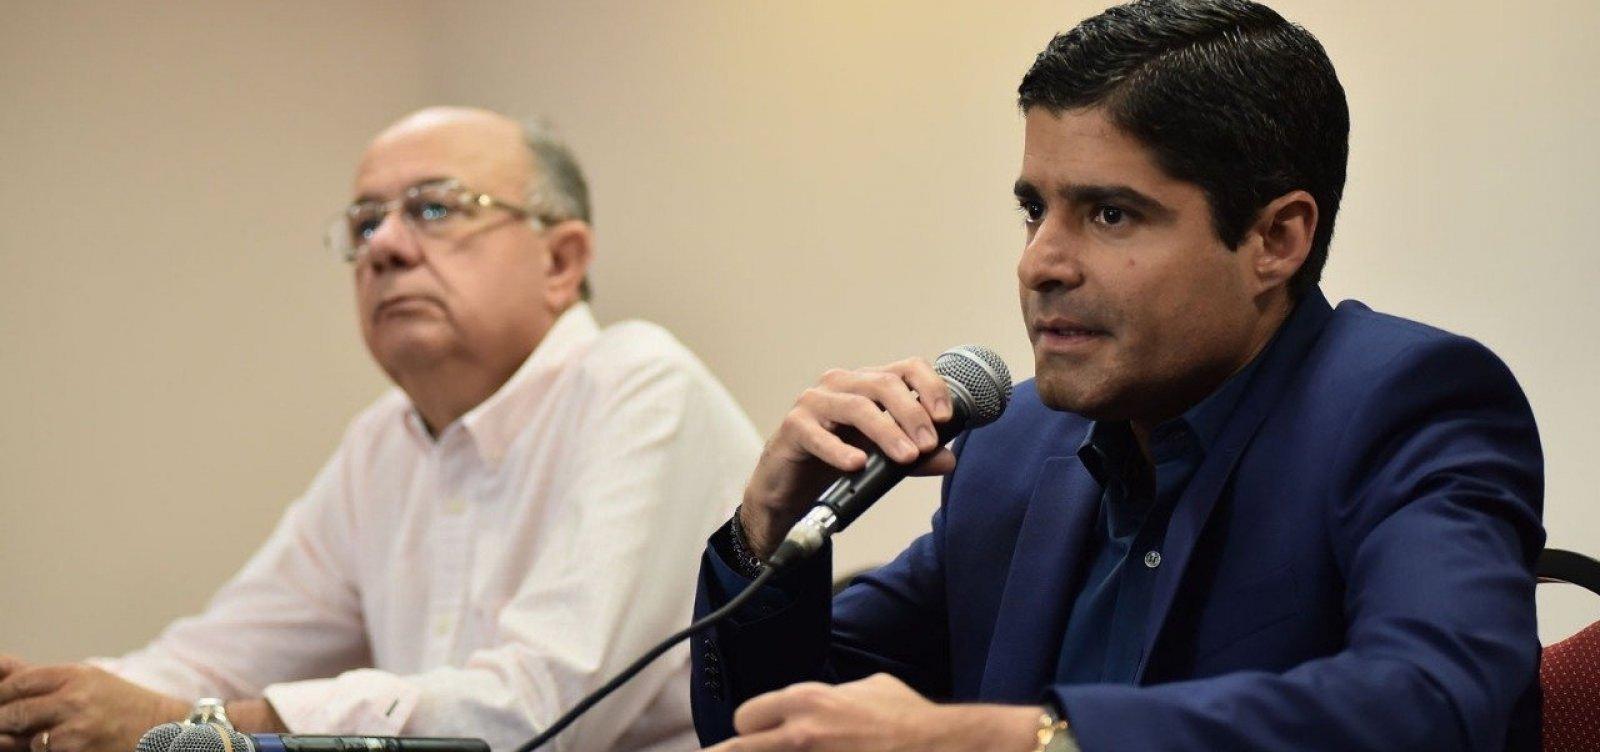 [Mesmo com apoio de Neto a Bolsonaro, Haddad vence eleição em Salvador]